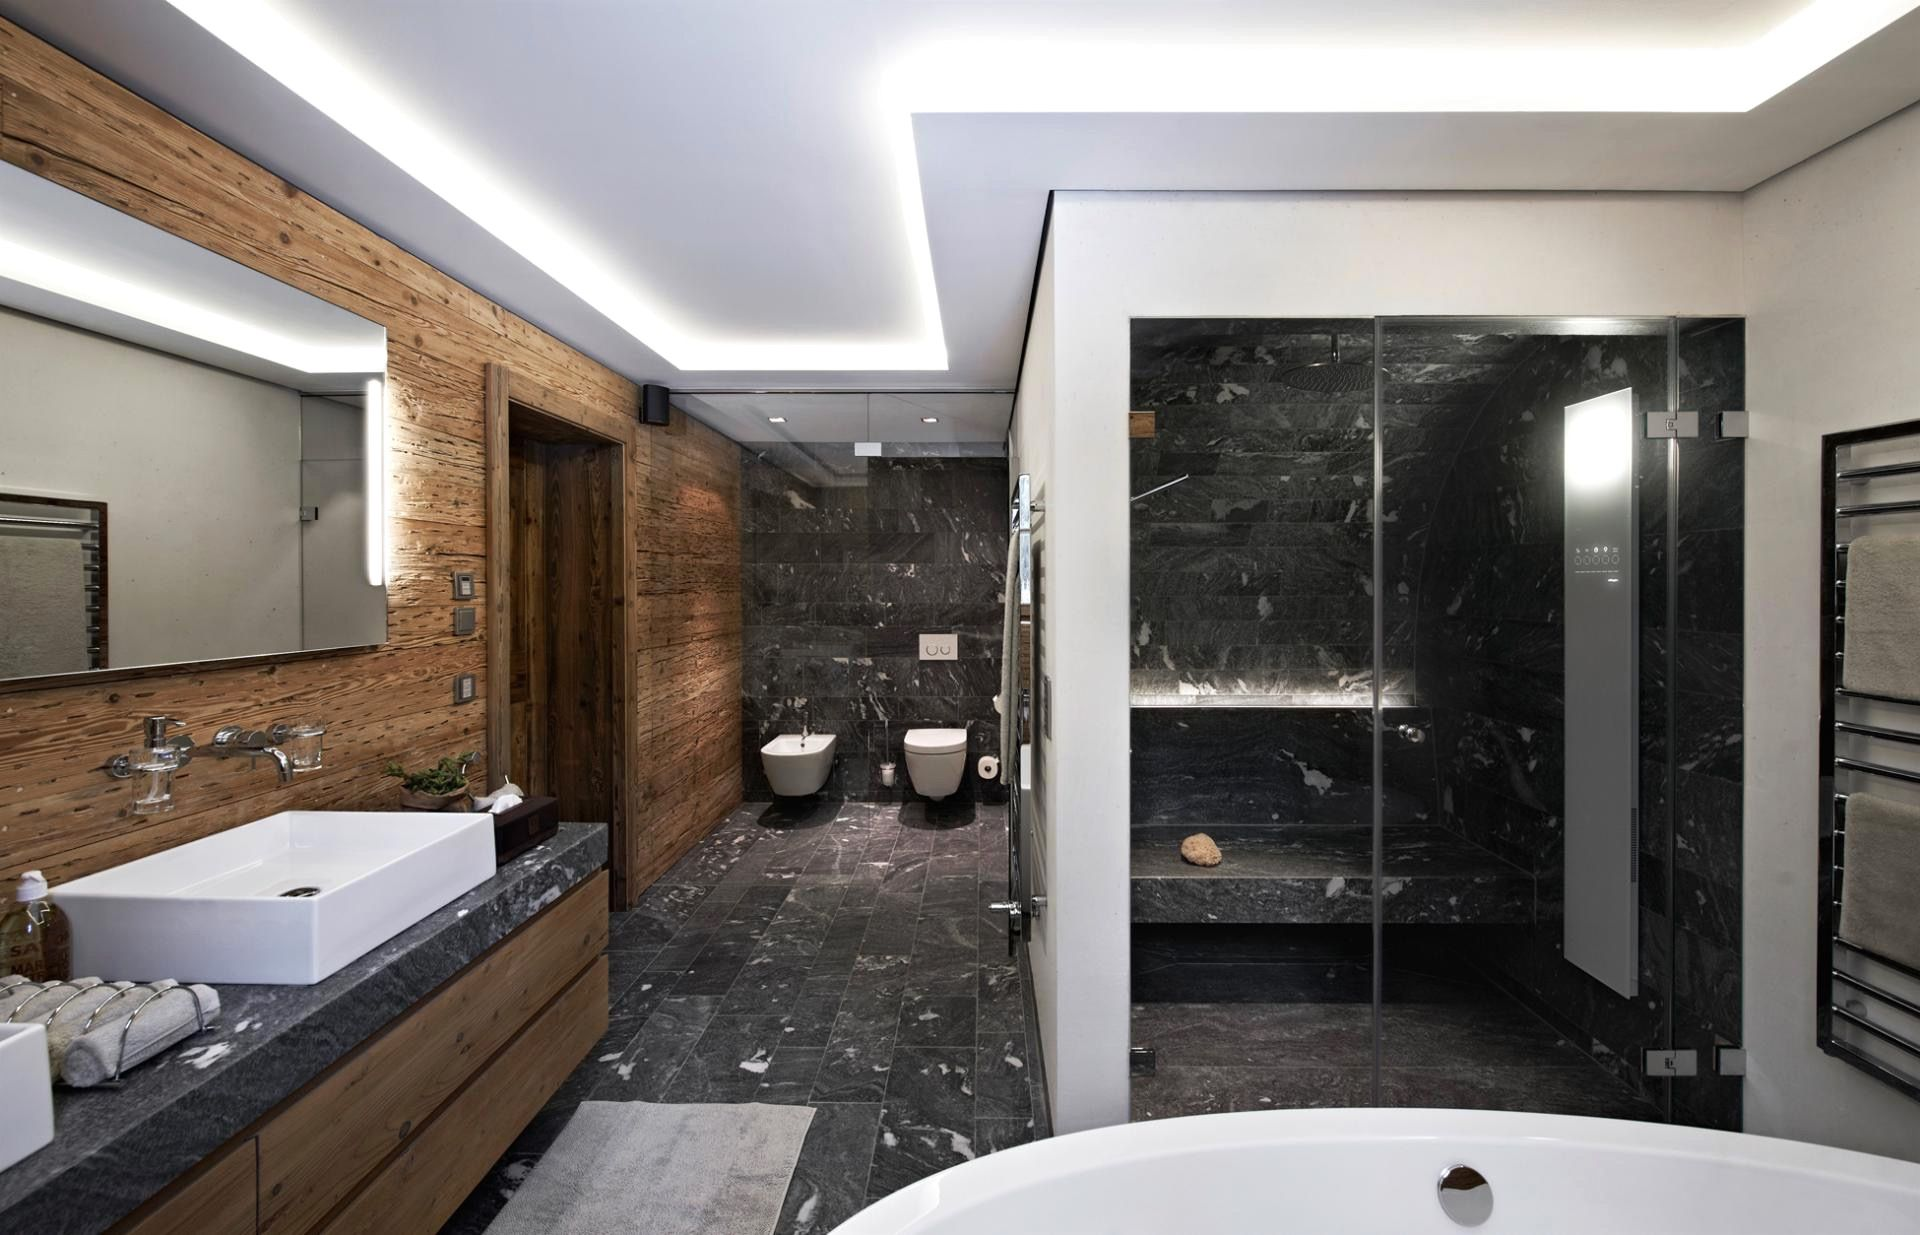 Fesselnd Schockierend Badezimmer Rustikal Und Trotzdem Cool Auf Moderne Ideen Fur  Haus Dekoration In Gesellschaft Mit 11